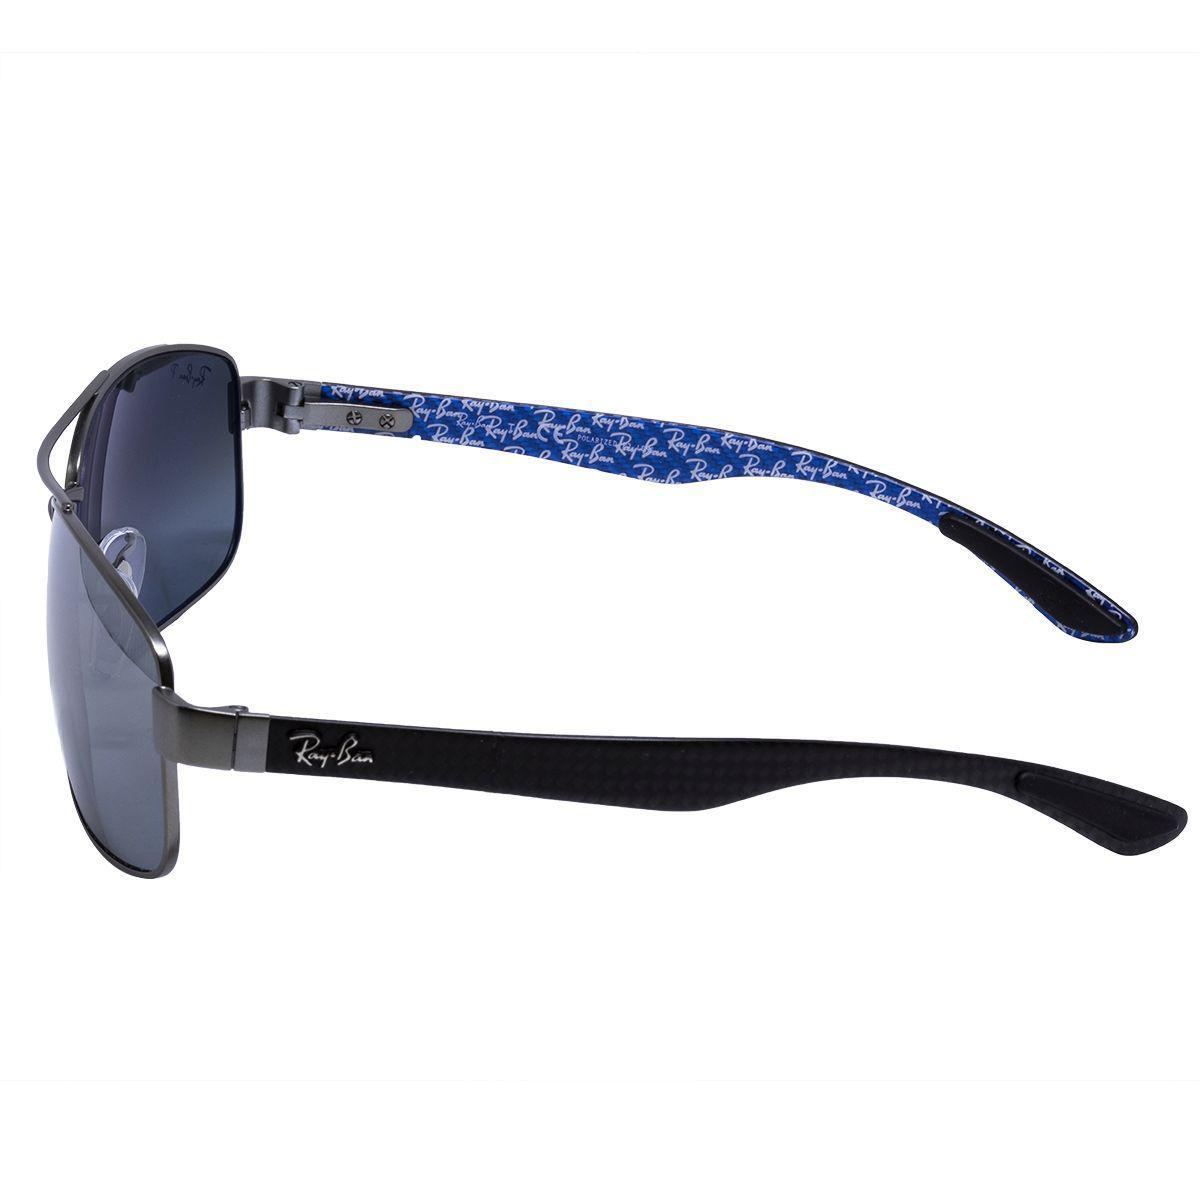 7180486fa379d Óculos de Sol Ray Ban Polarizado RB8316 R  769,00 à vista. Adicionar à  sacola